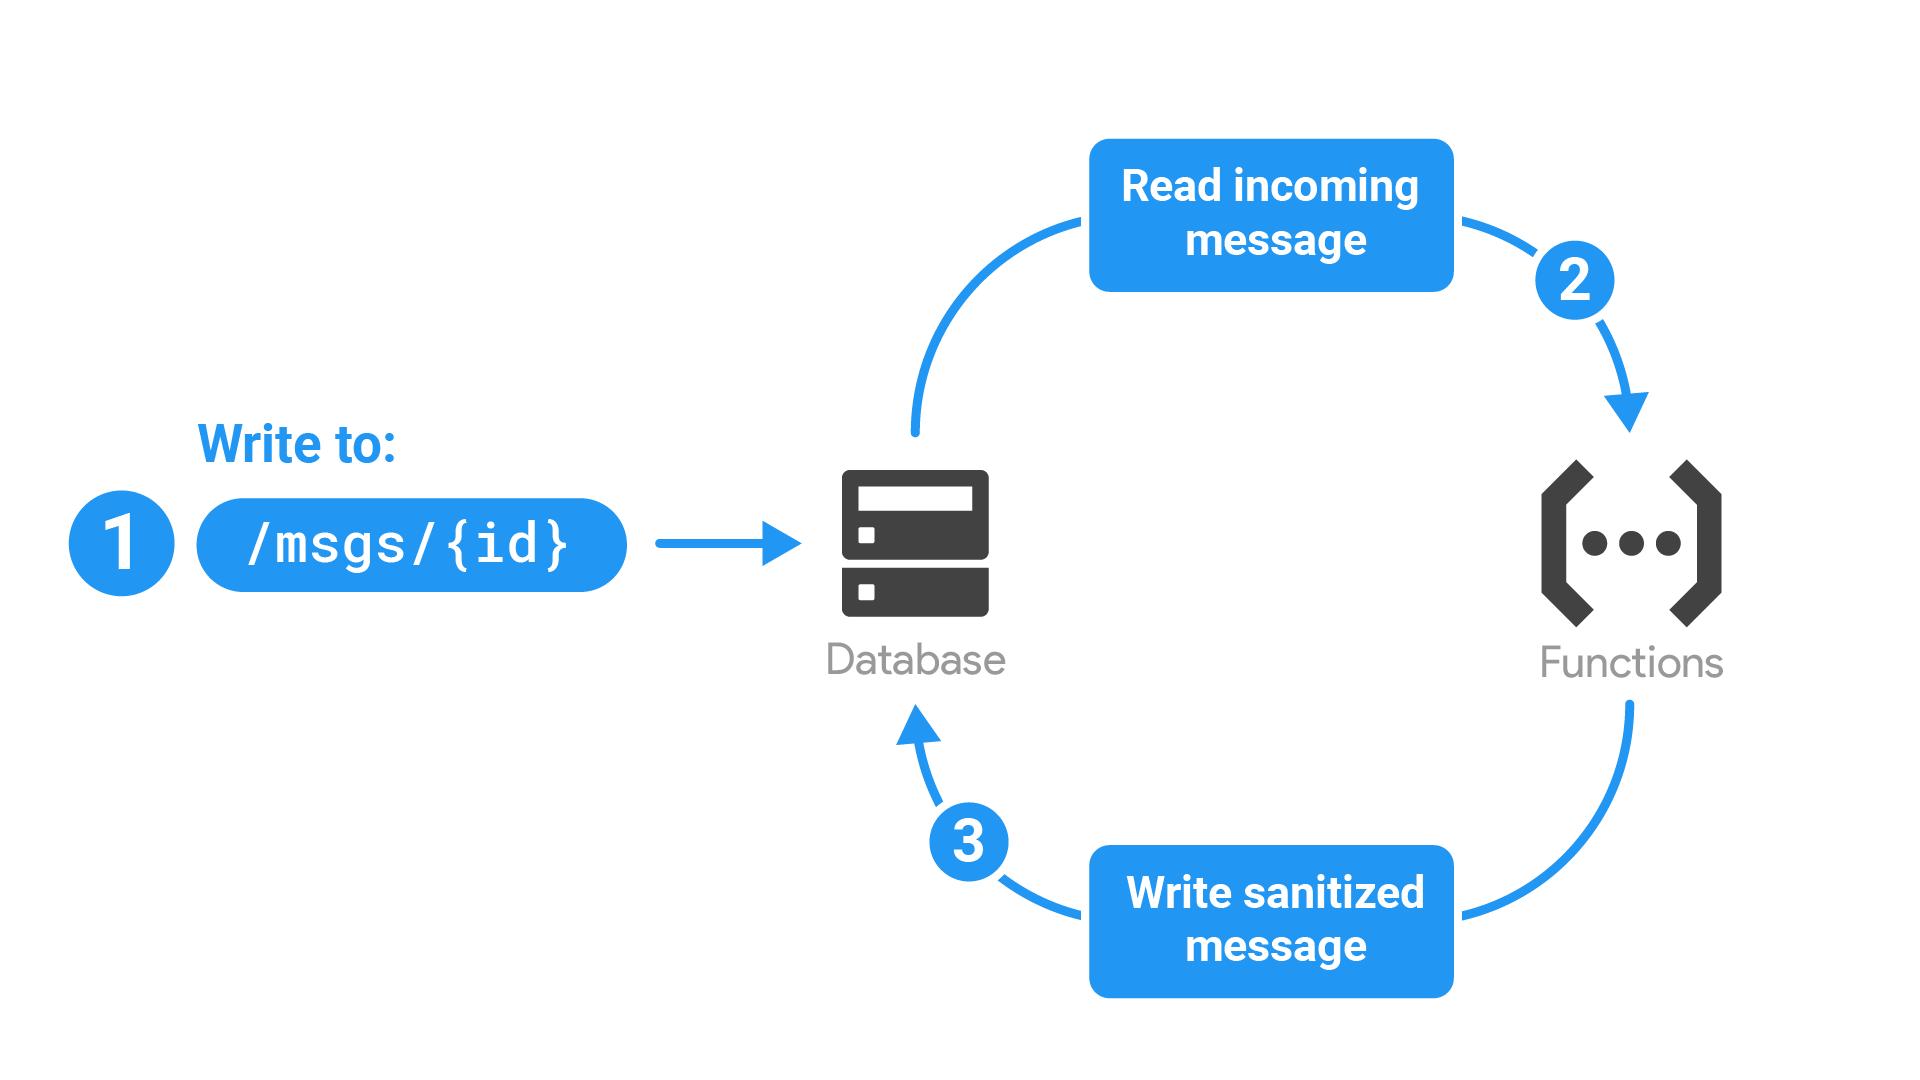 ไดอะแกรมแสดงโฟลว์แอพที่อธิบายไว้ด้านล่าง